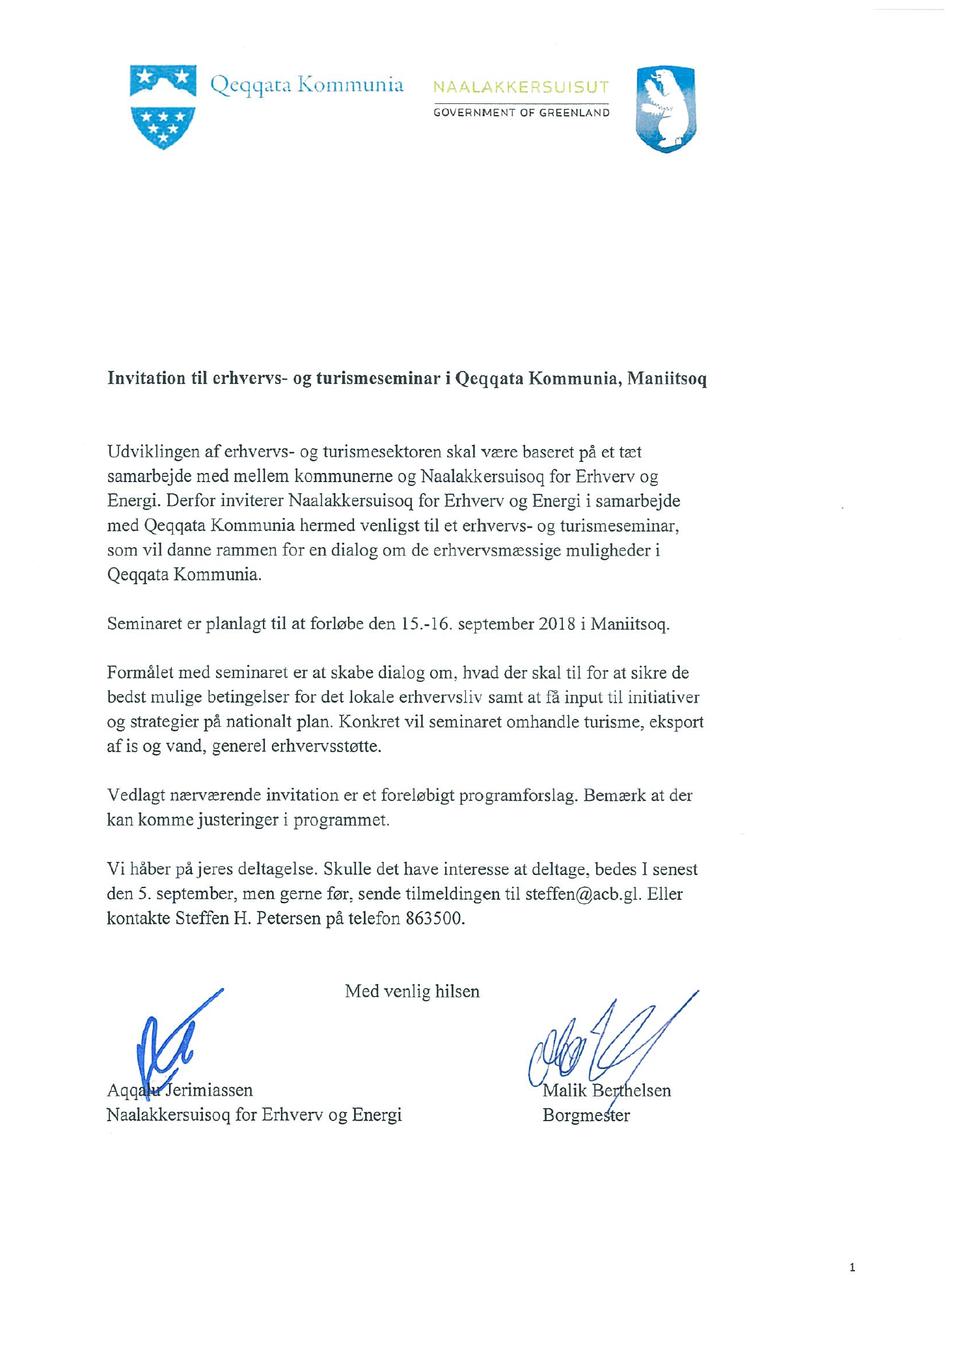 Invitation til erhvervs- og turismeseminar i Qeqqata Kommunia, Maniitsoq